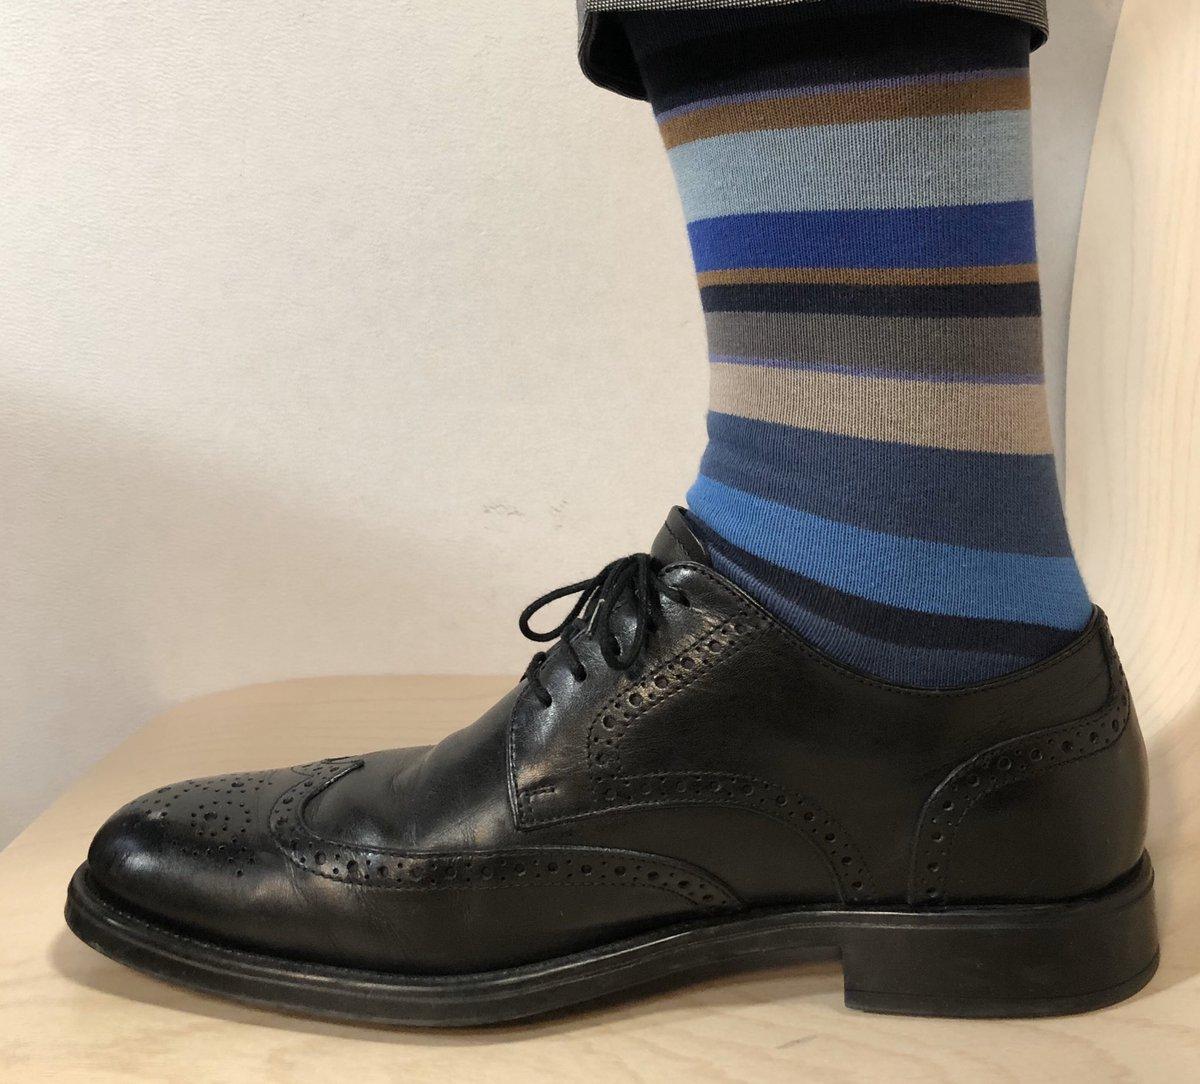 Les comparto #Losdehoy #martes #socks #lopezdoriga #joaquin #INCLUSION